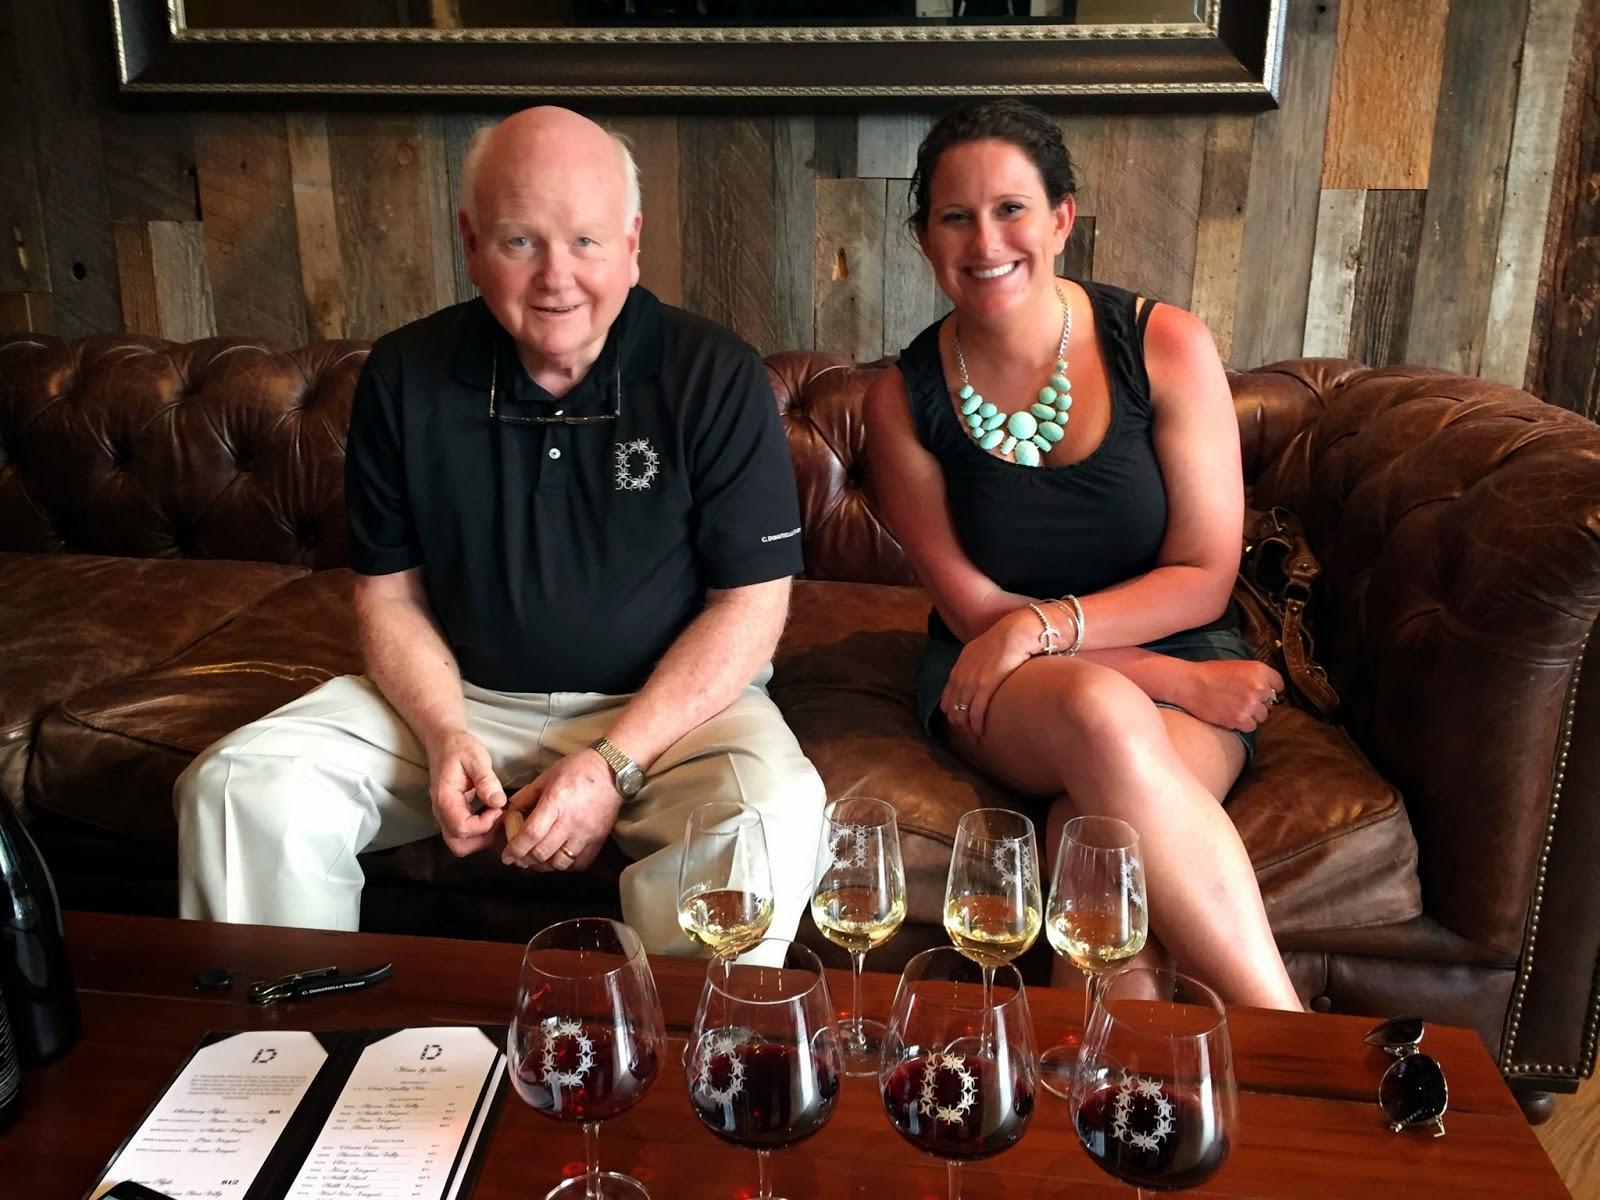 The C. Donatiello Winery